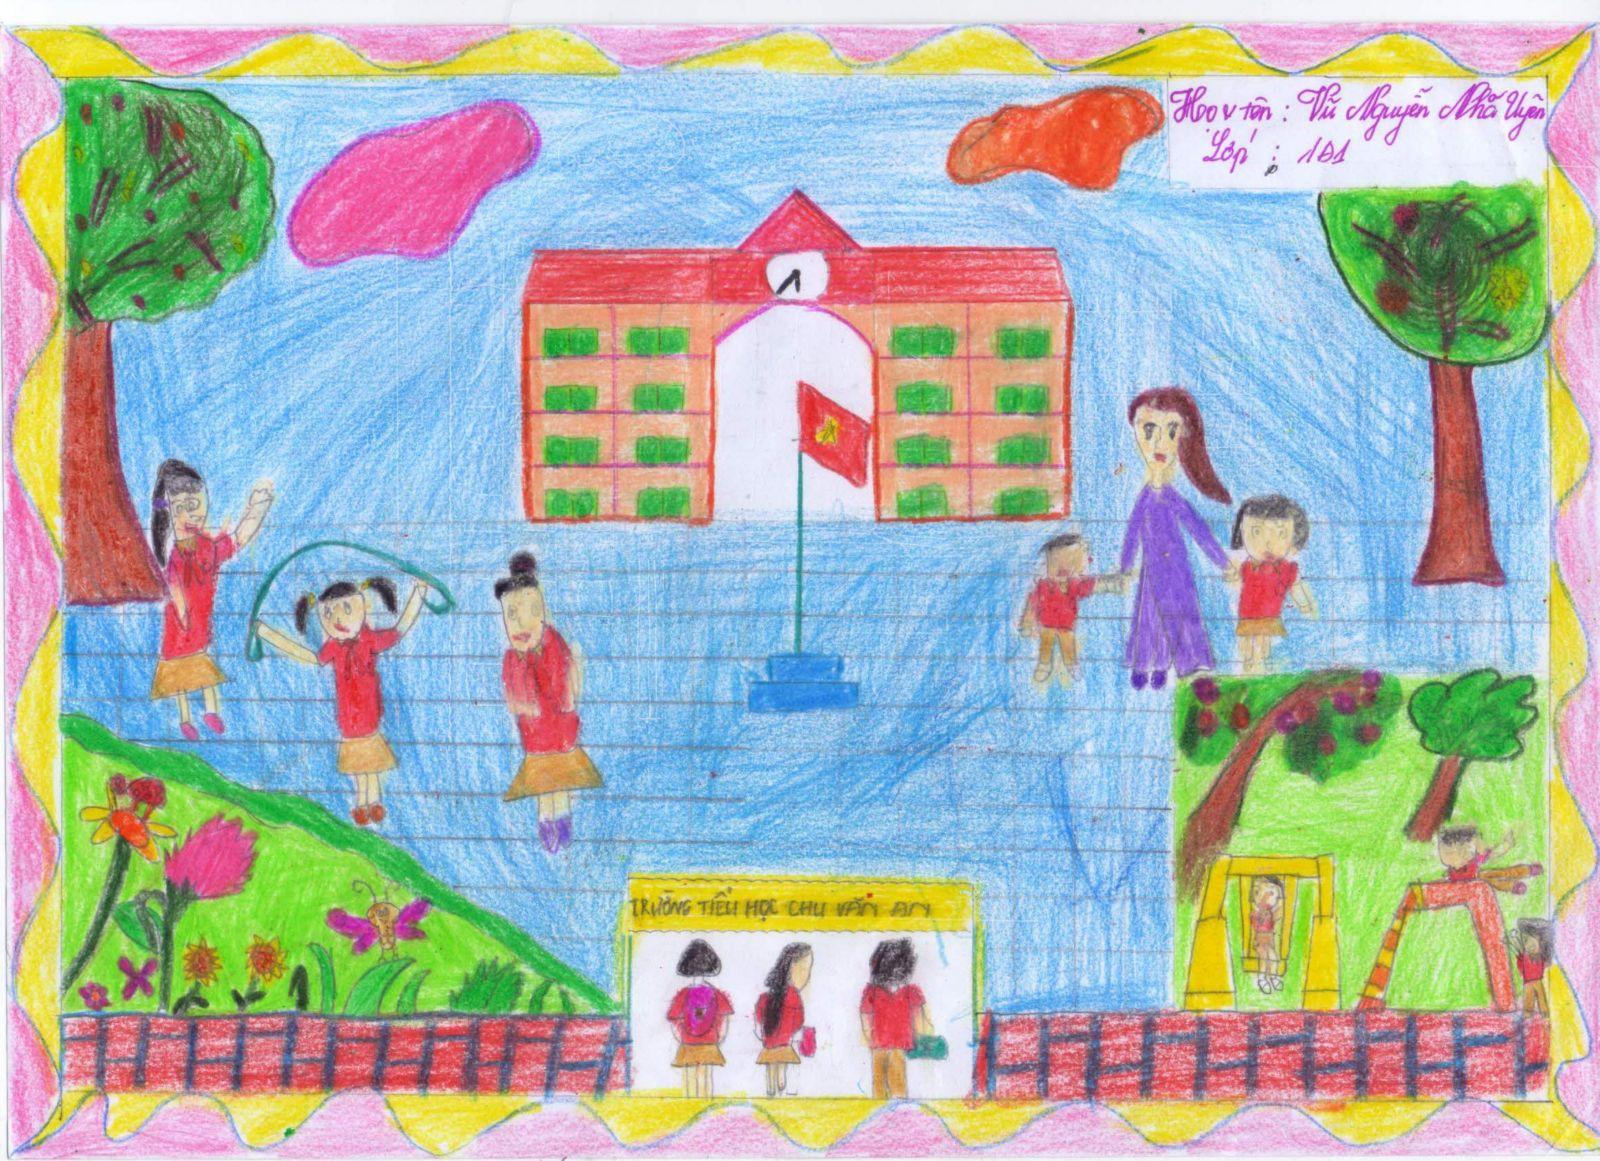 Tranh vẽ trường học đơn giản cực đẹp